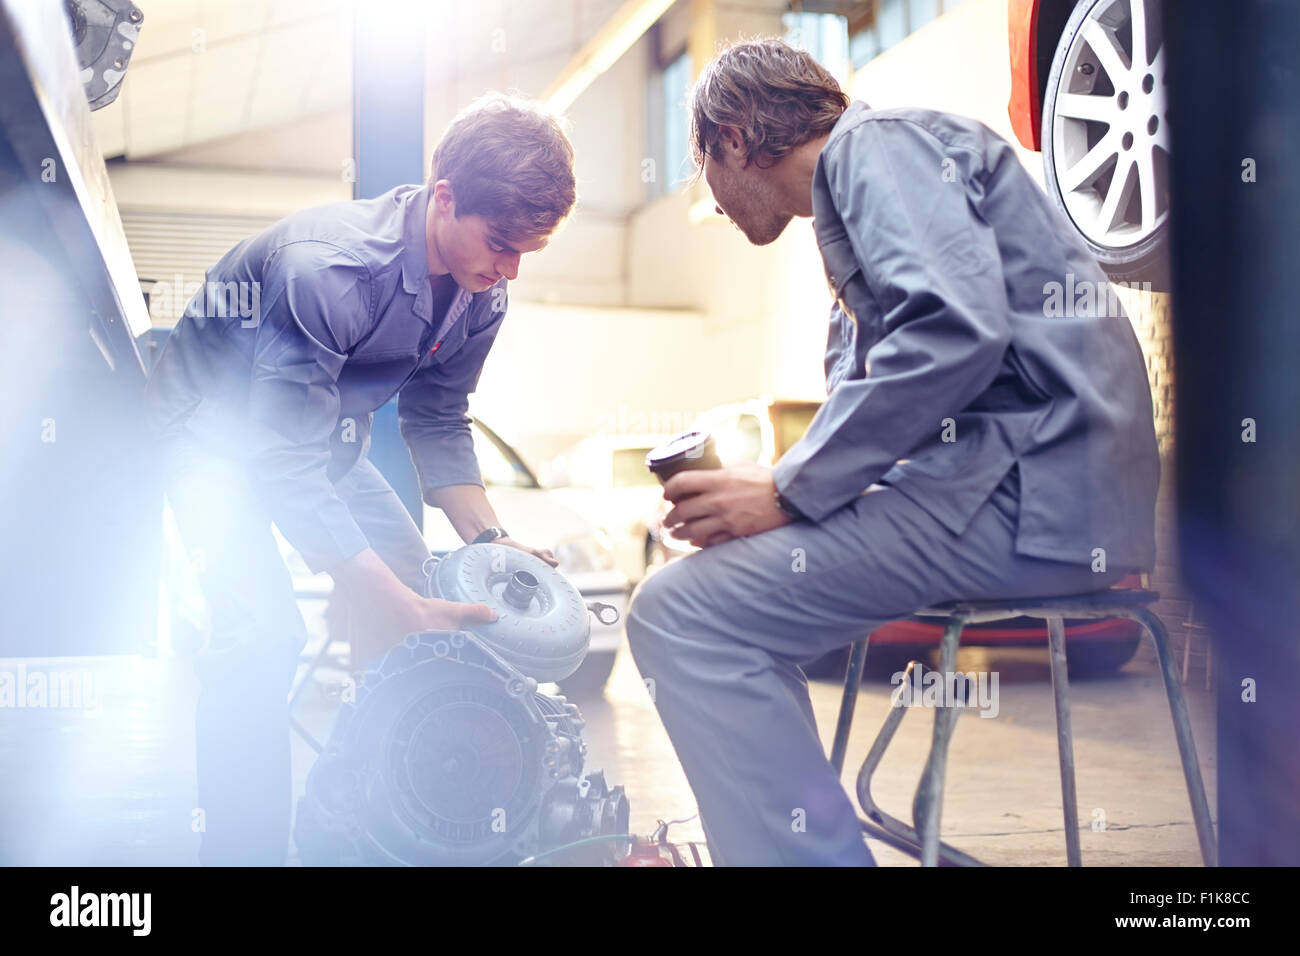 Mechanics examining engine part in auto repair shop - Stock Image